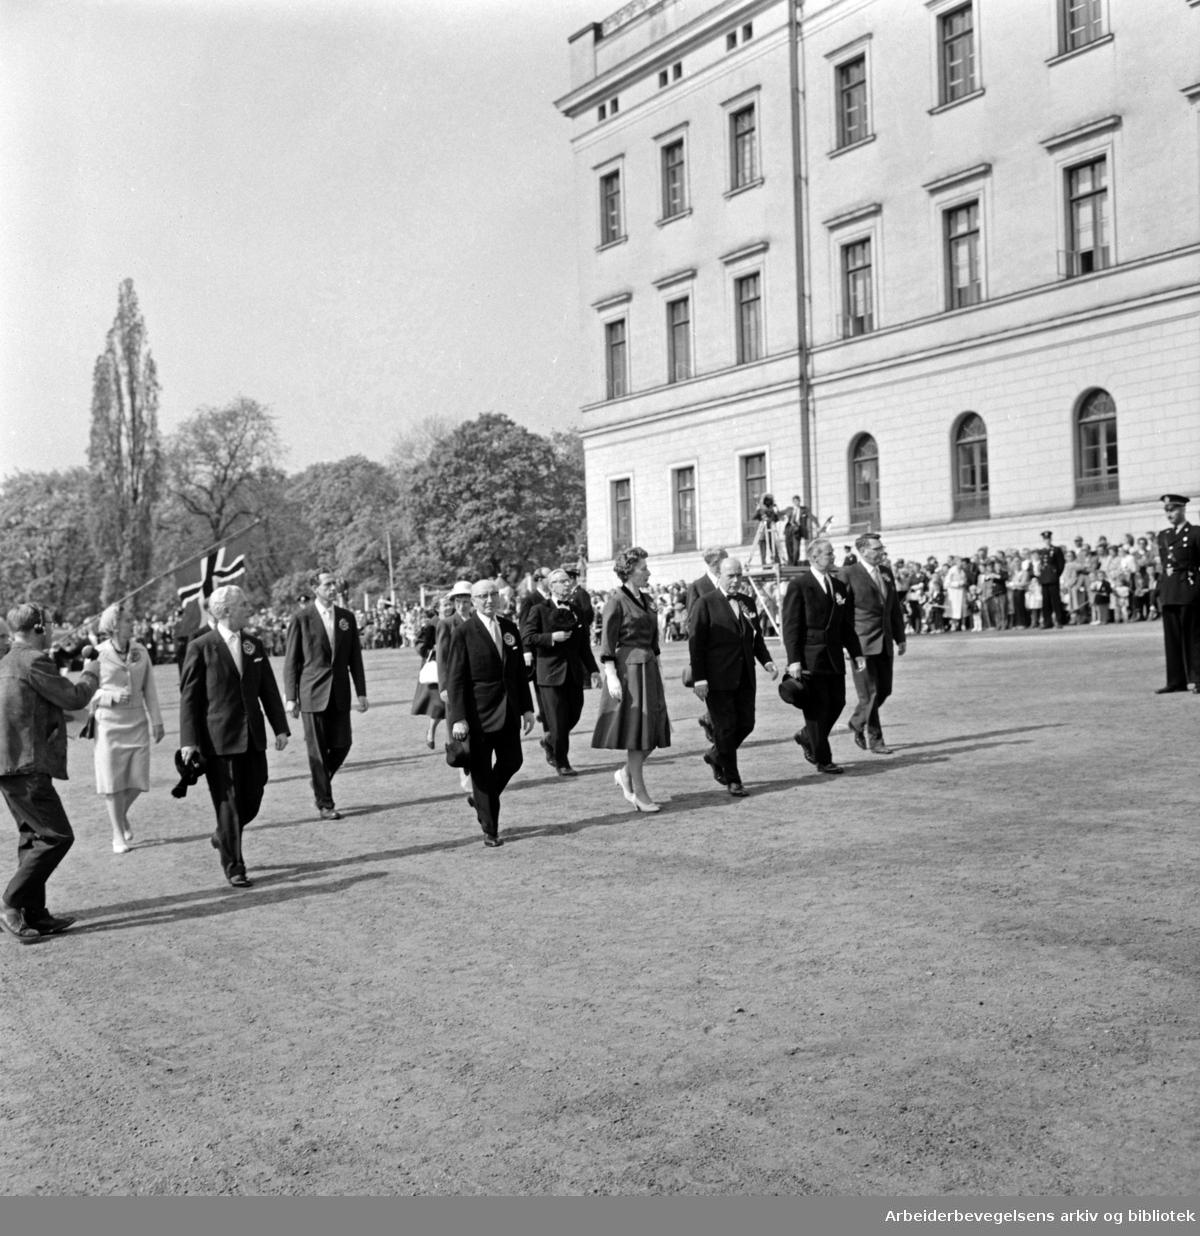 17. mai-komiteén fotografert utenfor slottet. Blant andre: Olav Brunvand, Brynjulf Bull, Rolf Stranger, Eva Kolstad og Olaf Solumsmoen. 17. mai 1960.